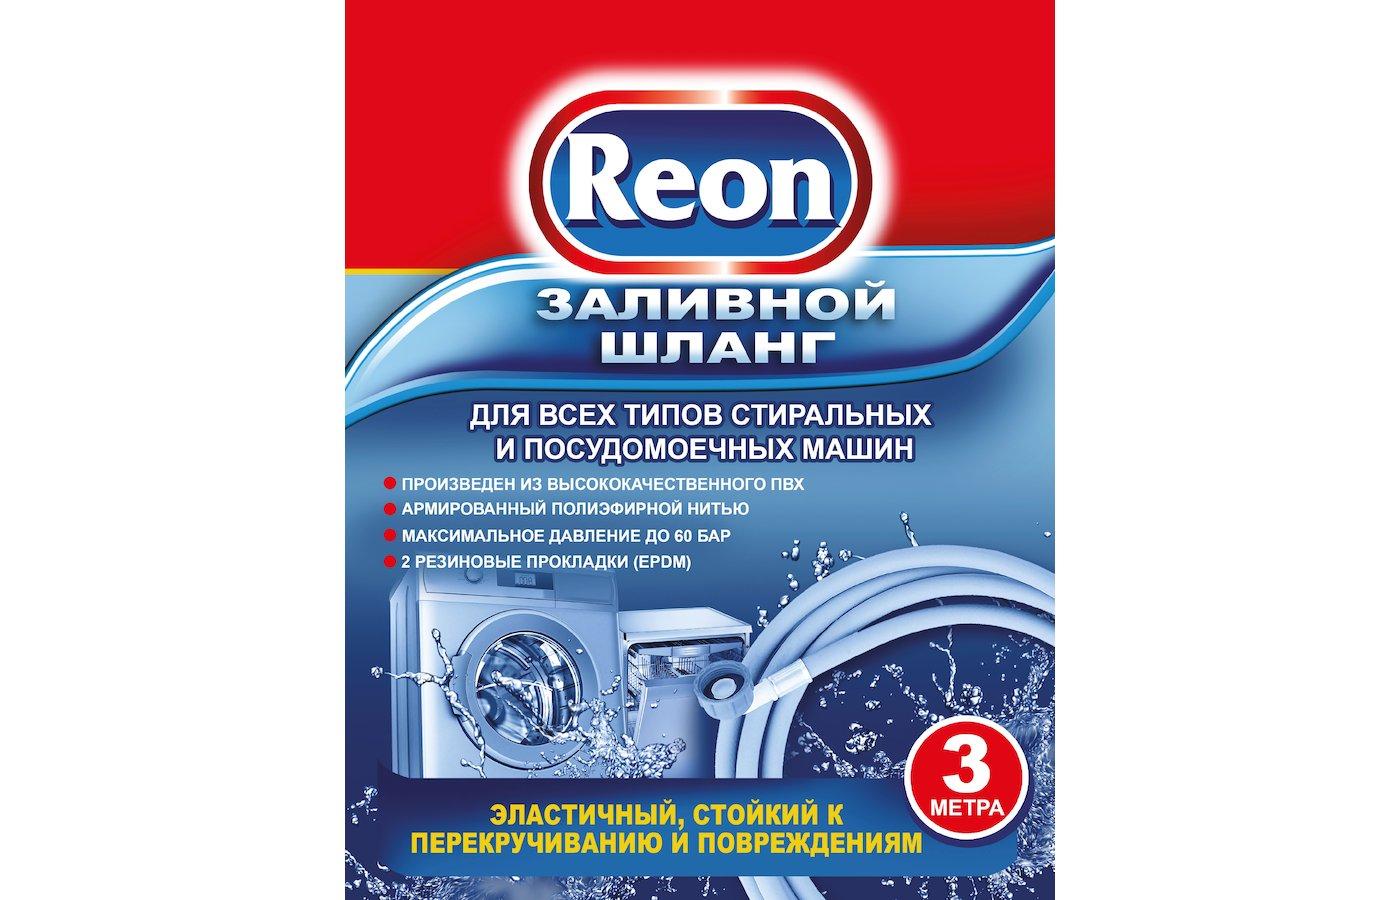 Аксессуары для подключения стиральных машин Reon 02-004 Шланг заливной (3 м)